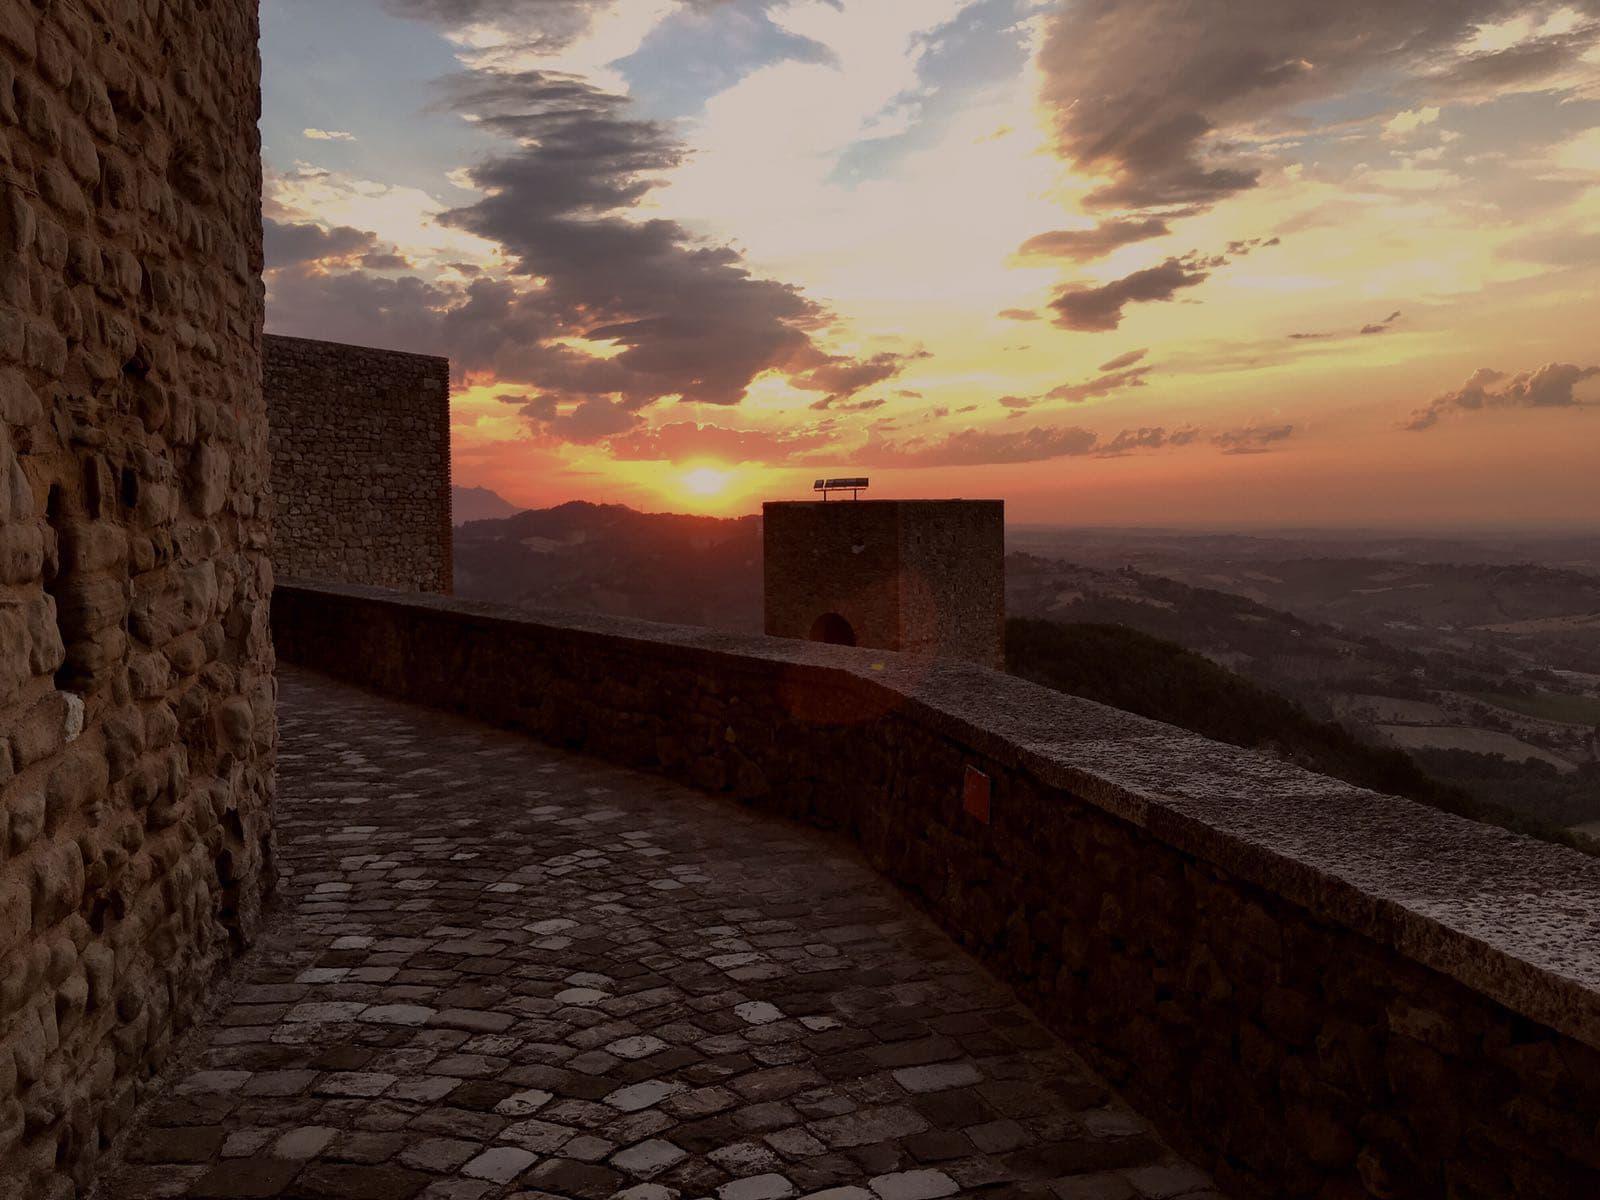 Rocca Malatestiana, Montefiore Conca, Ph. larabraga19